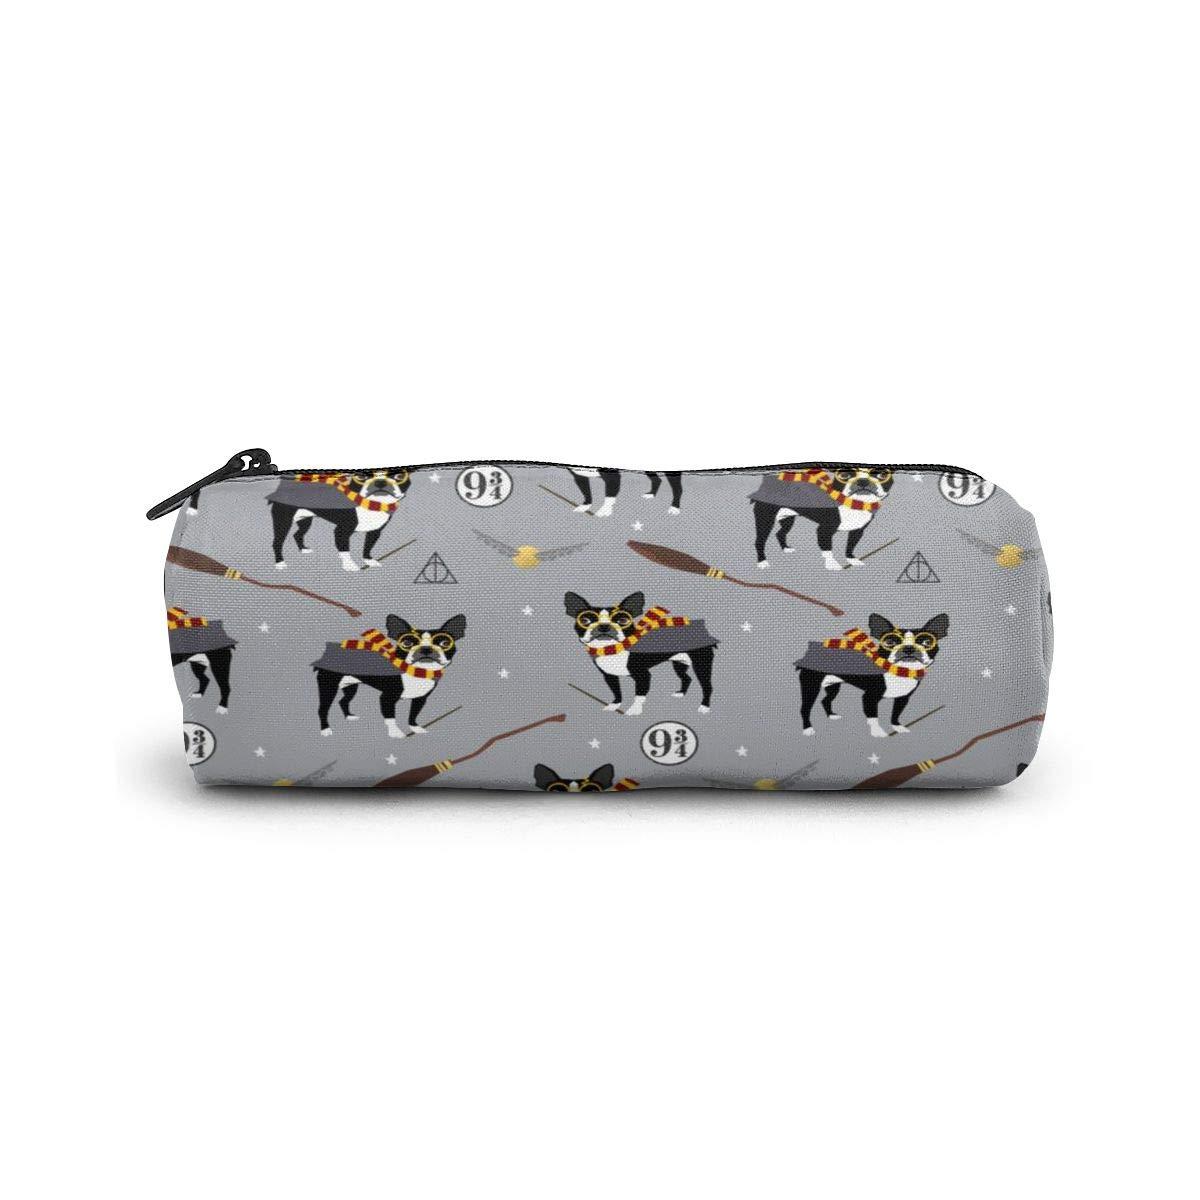 Boston Terrier Bruja patrón de perro hechicero regalo lápiz estuche papelería bolsa bolsa bolsa bolsa de cosméticos para estudiantes, oficina, colegio, escuela secundaria: Amazon.es: Oficina y papelería